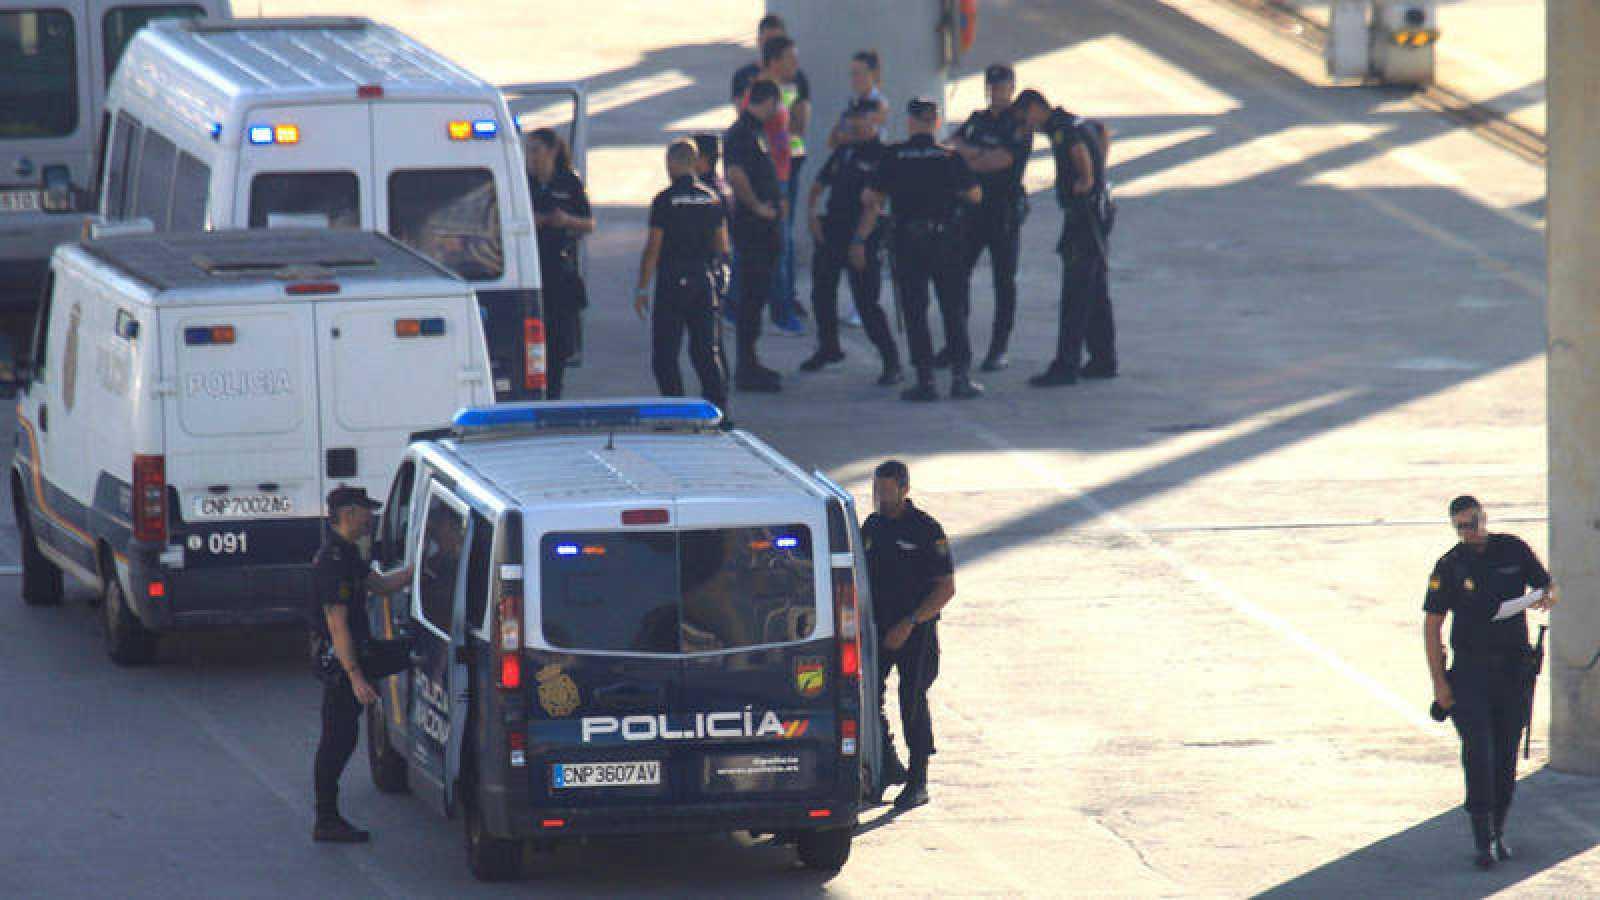 Furgones de la Policía Nacional en la zona de embarque del puerto de Algeciras.